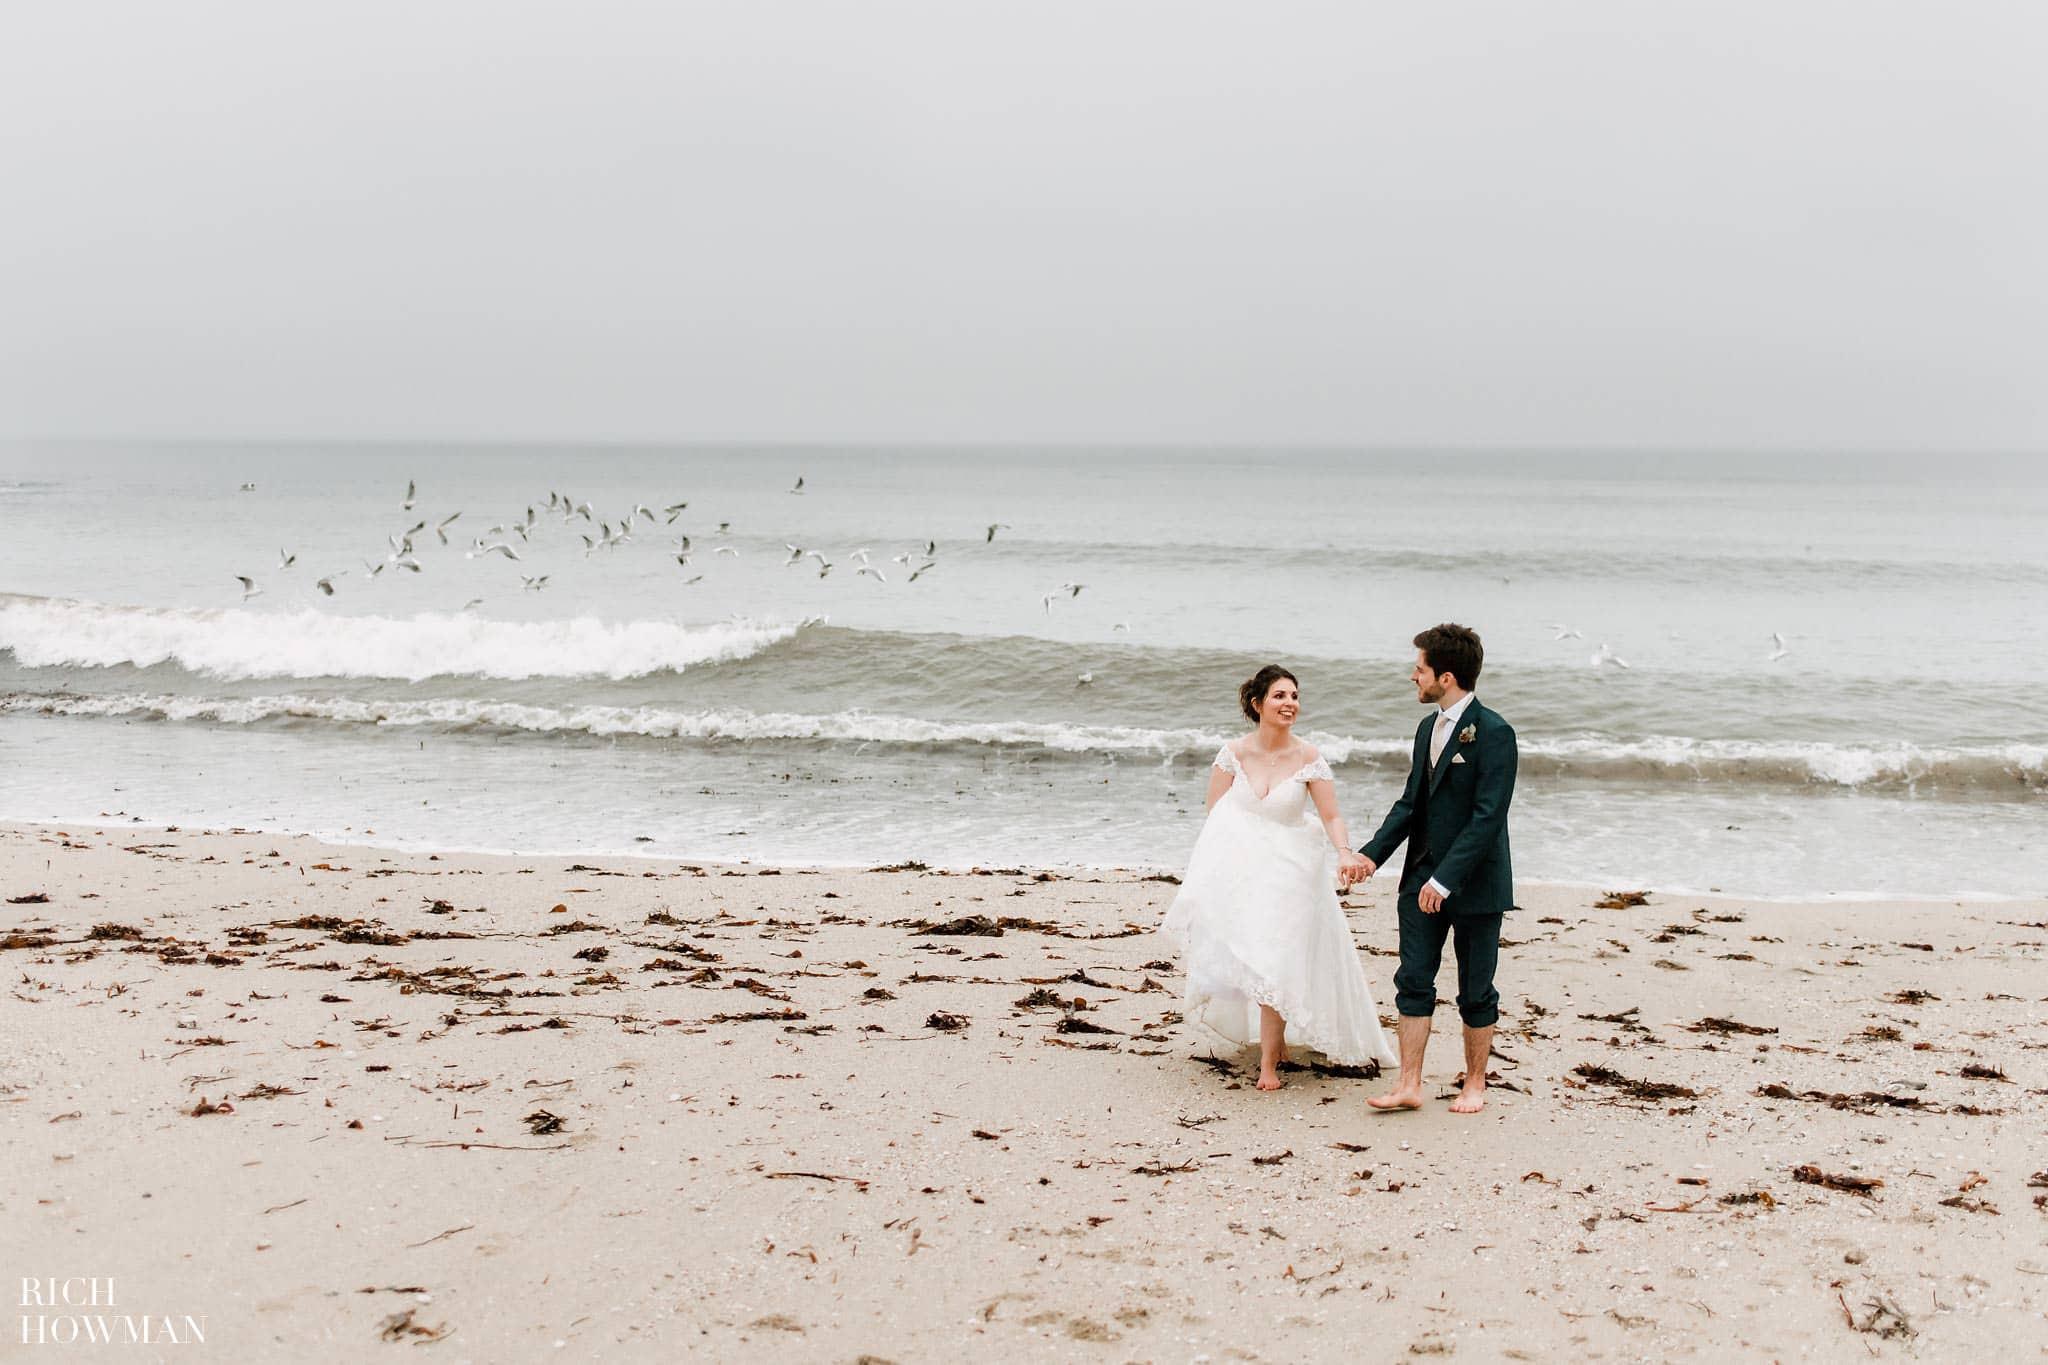 Falmouth Merchants Manor Hotel & Beach Wedding photos 8